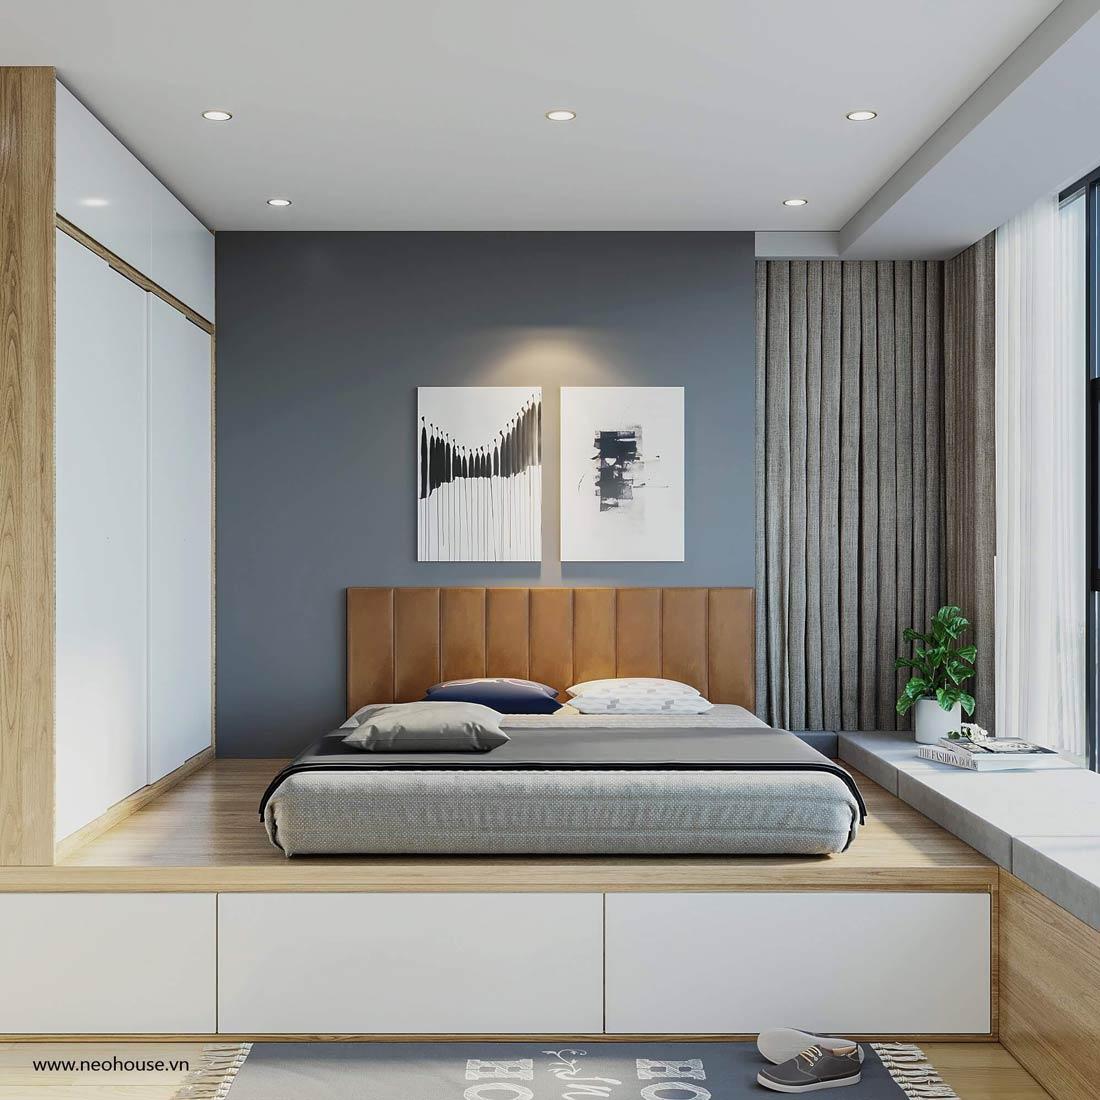 Trang trí tường phòng ngủ 3